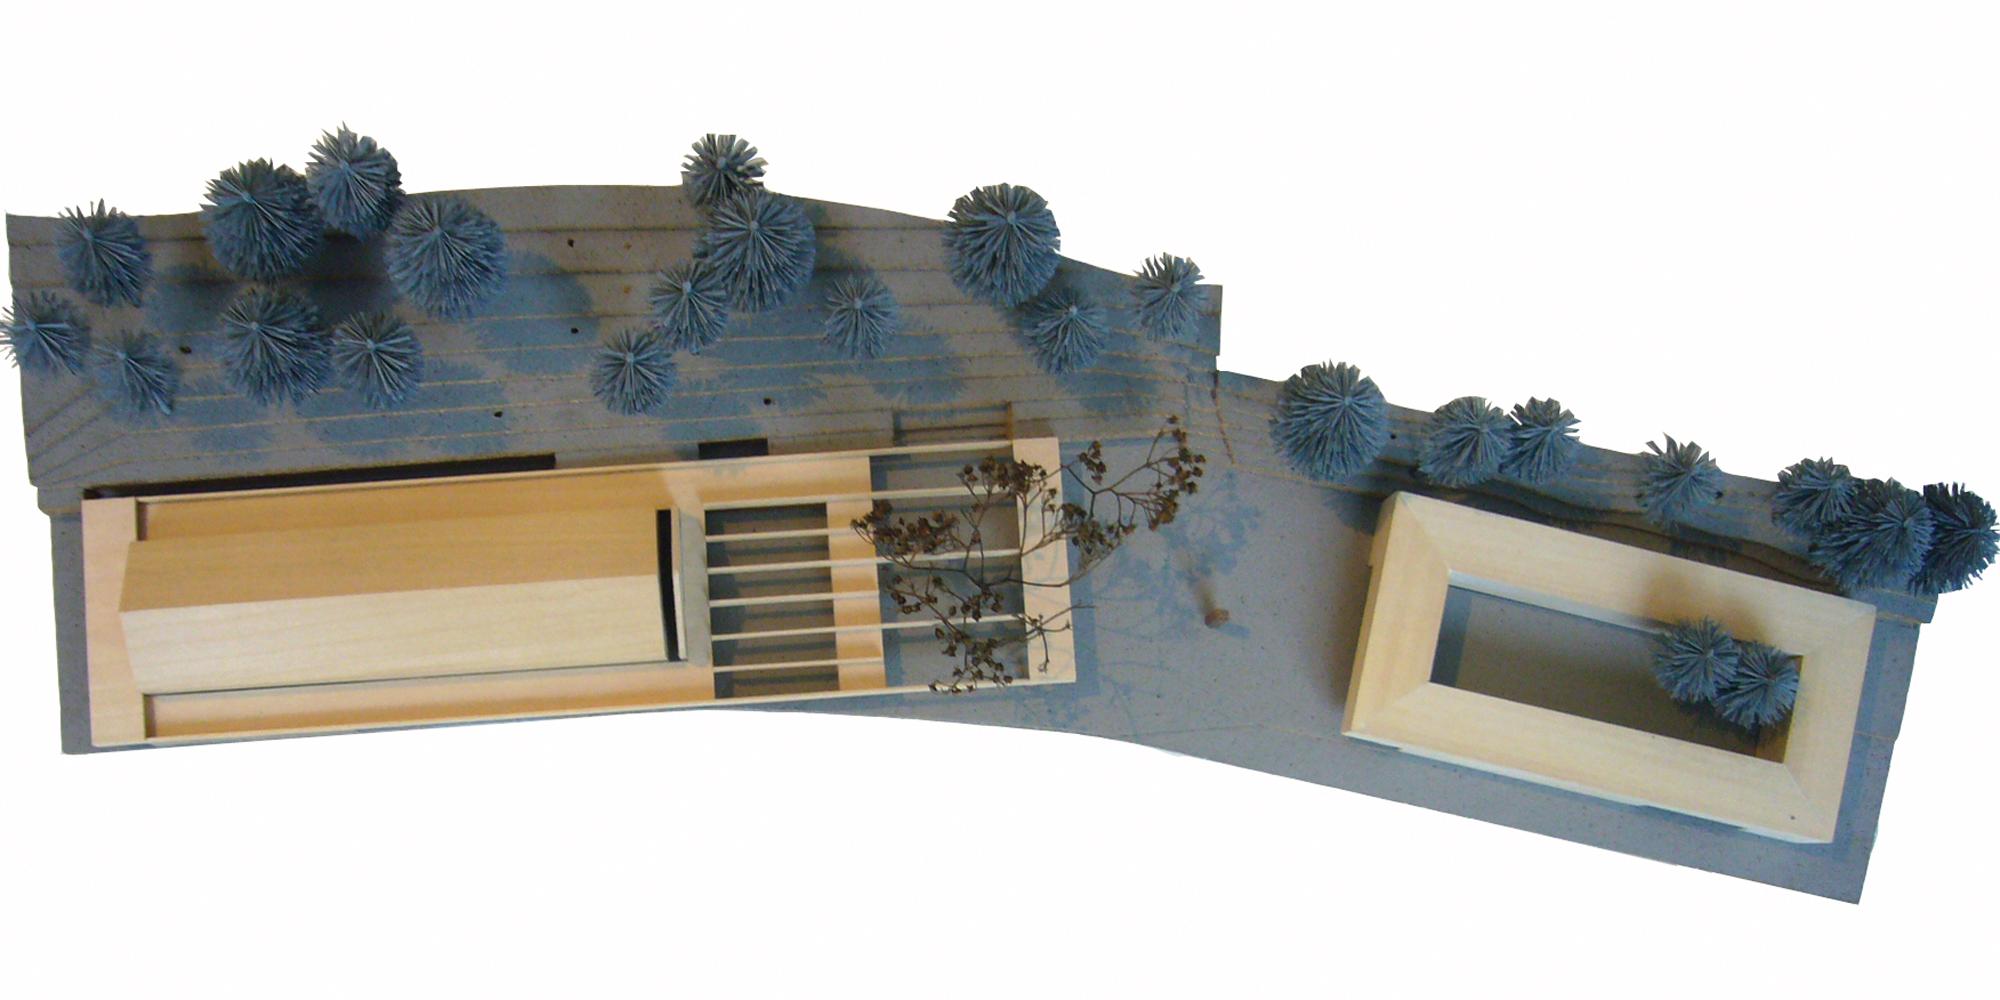 Saalbau - Modell